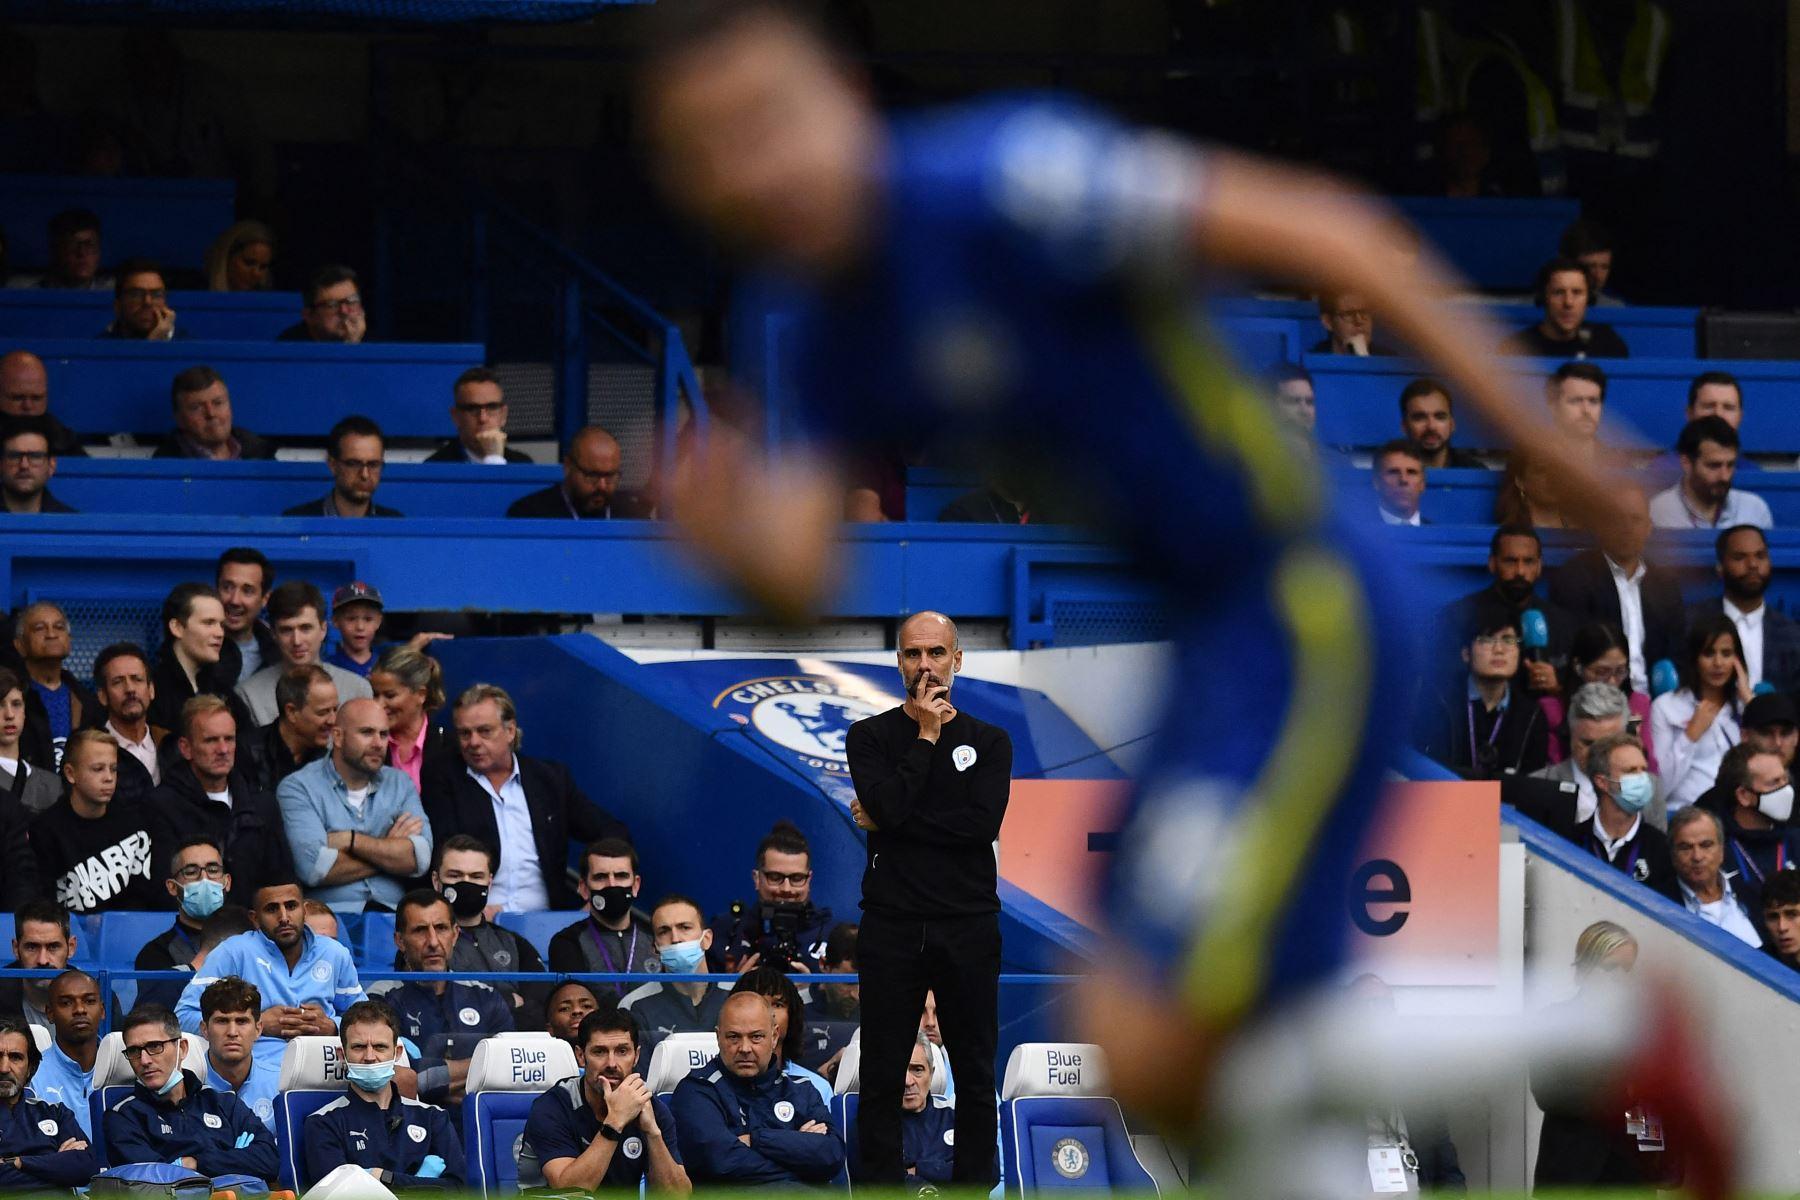 El técnico español del Manchester City, Pep Guardiola, mira desde el lateral durante el partido de fútbol de la Premier League inglesa entre el Chelsea y el Manchester City.  Foto: AFP